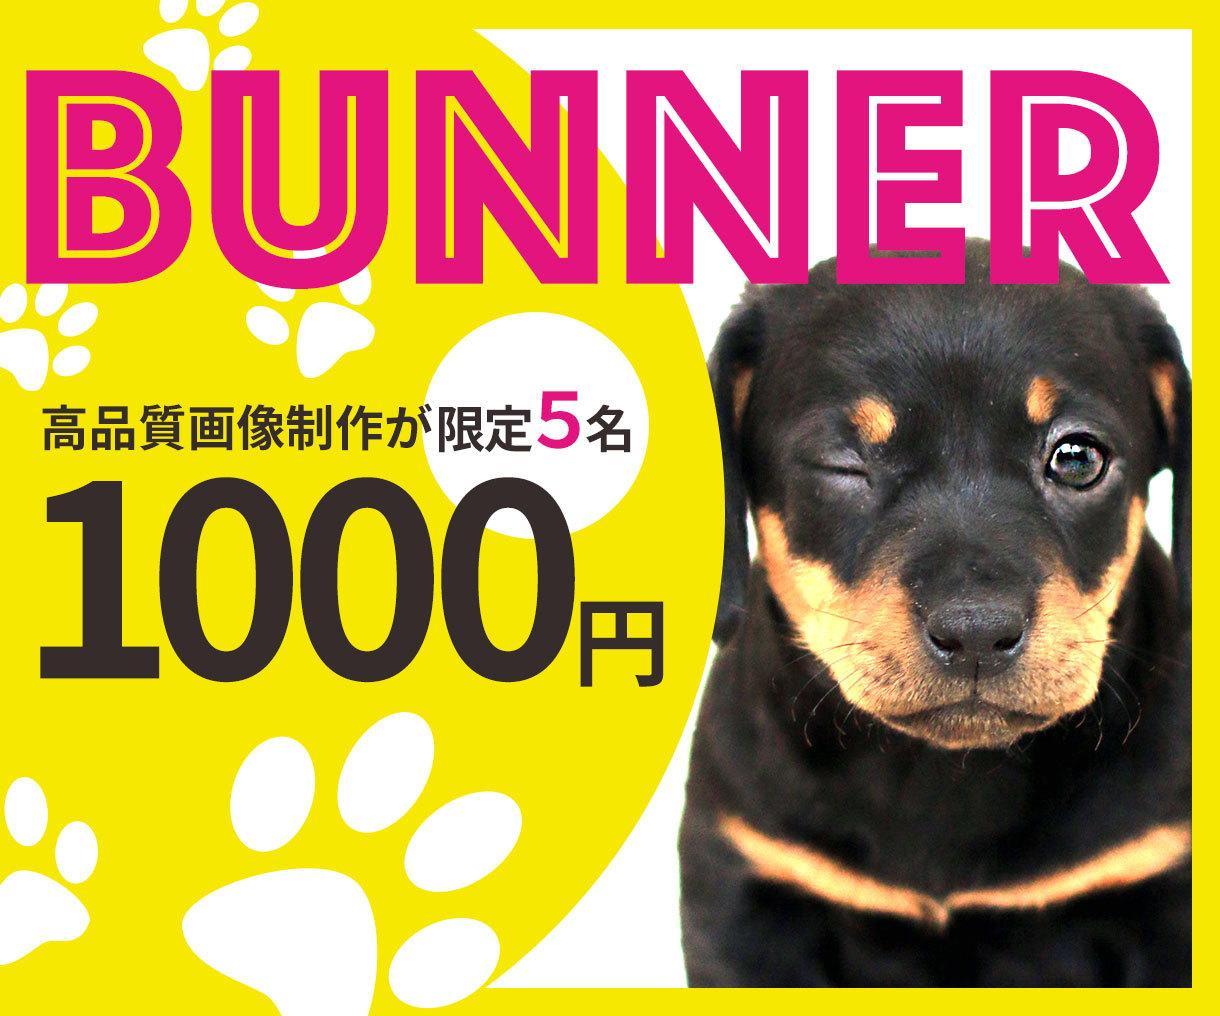 特別価格!1000円!高品質なバナー制作します 現役デザイナーが丁寧に作成します。